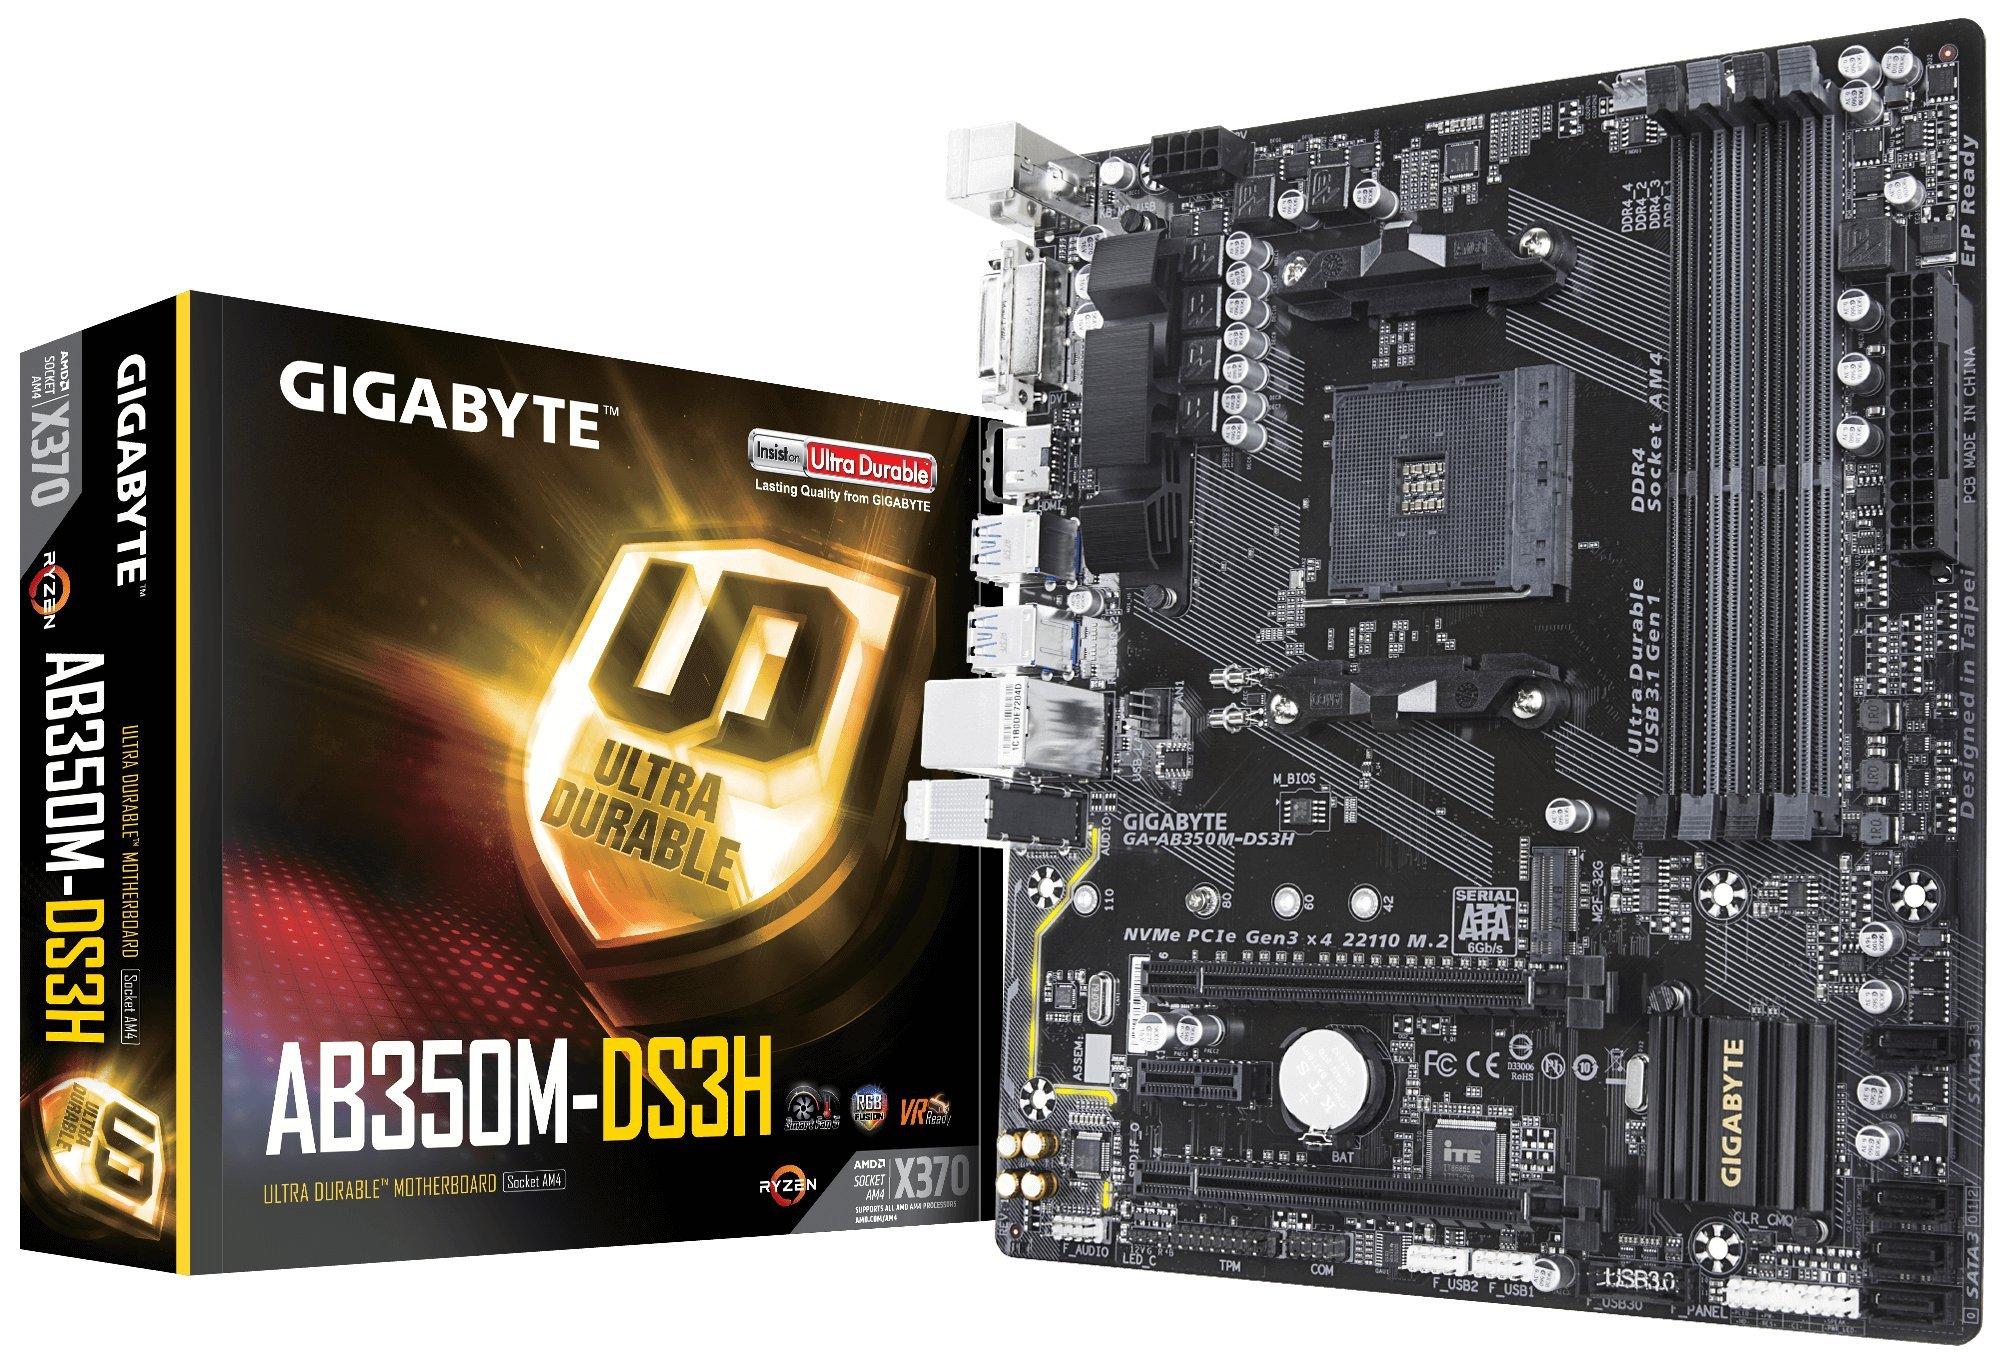 GIGABYTE GA-AB350M-DS3H (AMD Ryzen AM4/ B350/ 4X DDR4/ HDMI/M.2/ SATA/USB 3.1 Gen 1/ / RGB Fusion/Micro ATX/Motherboard) by Gigabyte (Image #1)